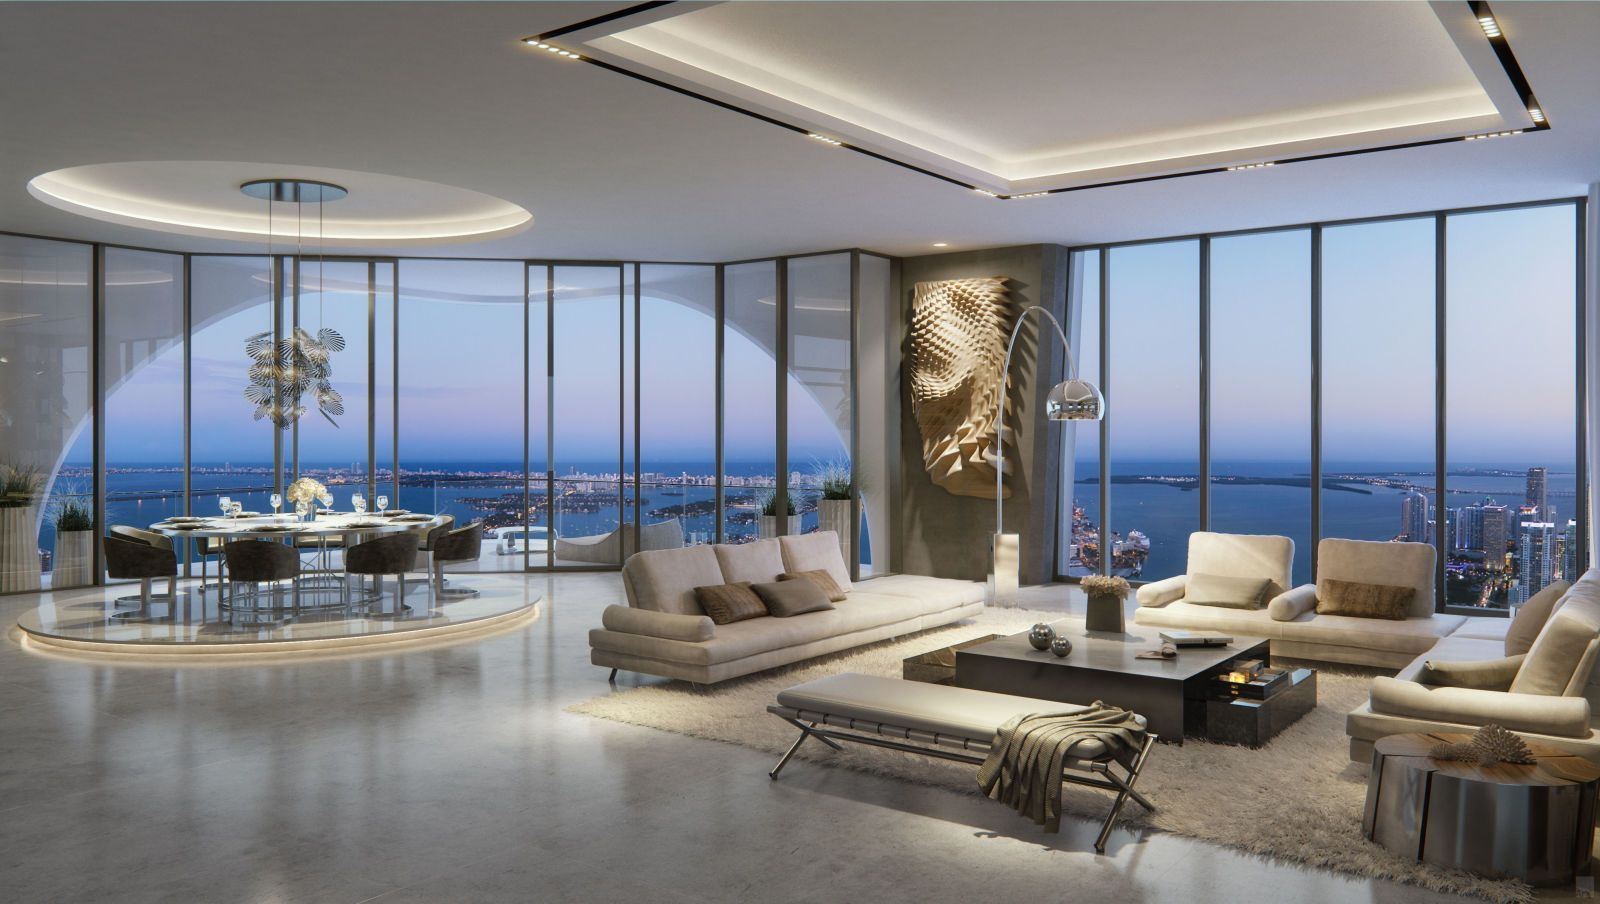 Atemberaubend Designer Wohnungen Von Zaha Hadid Dubai Fotos - Heimat ...